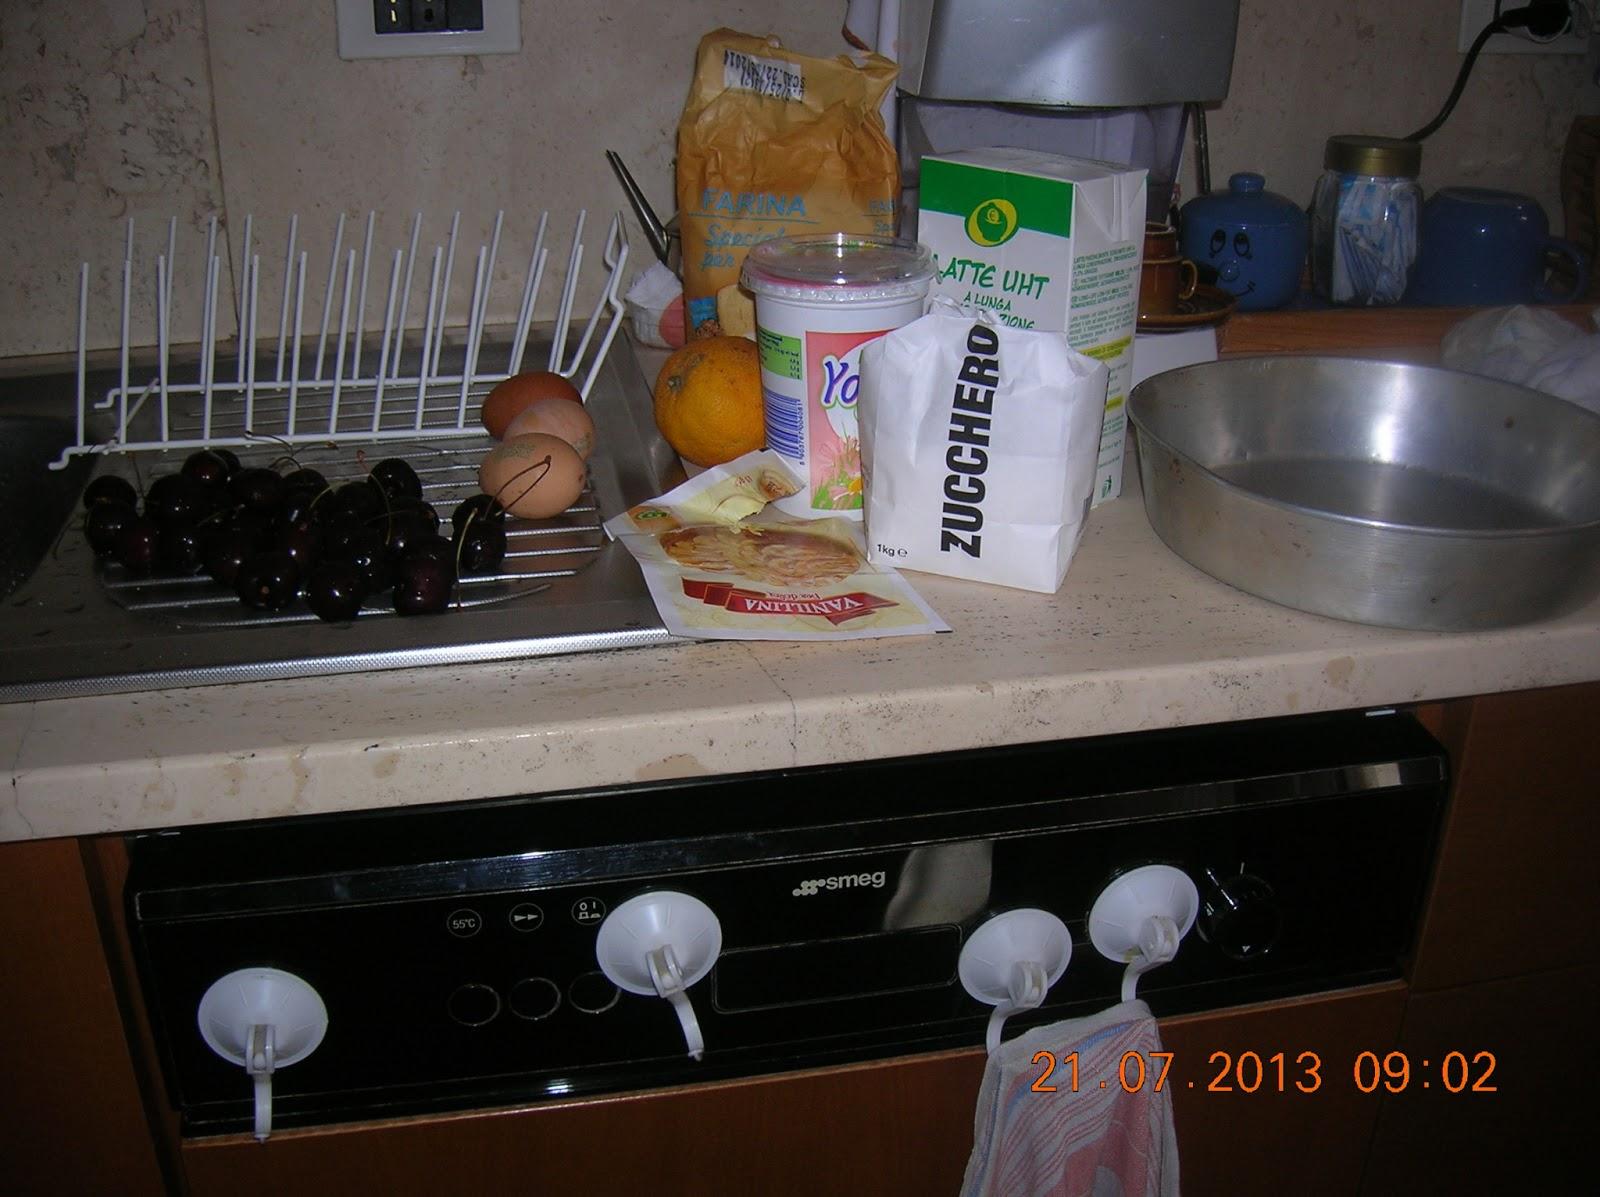 La cucina casalinga di marylen il mio ristorante virtuale per voi e consigli vari clafoutin di - Cucina casalinga per cani dosi ...